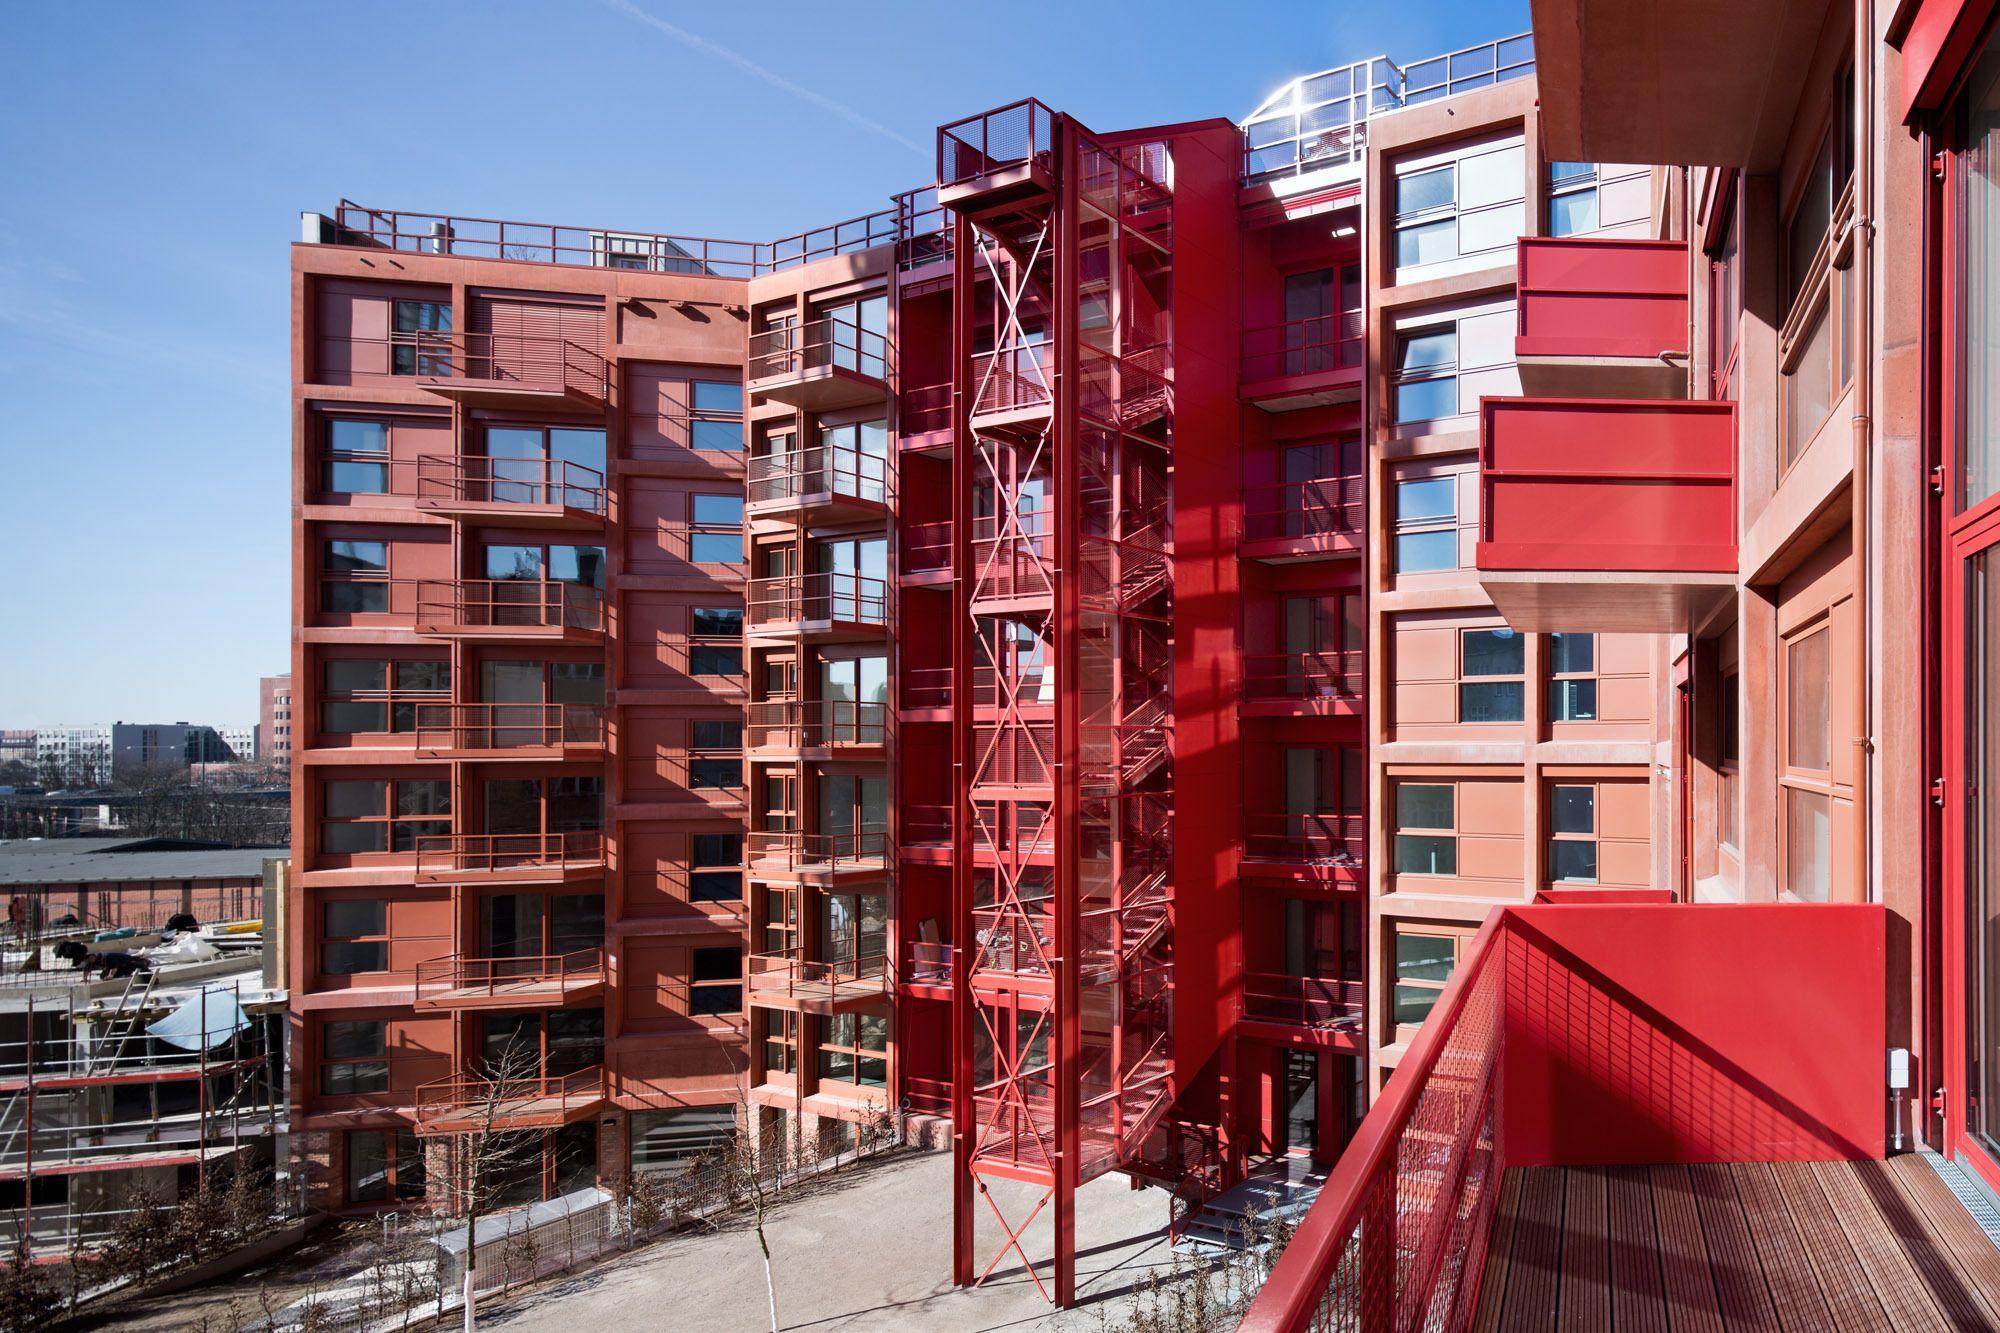 Lokdepot Berlin berlin rote lofts am gleisbett robertneun über das wohnen am